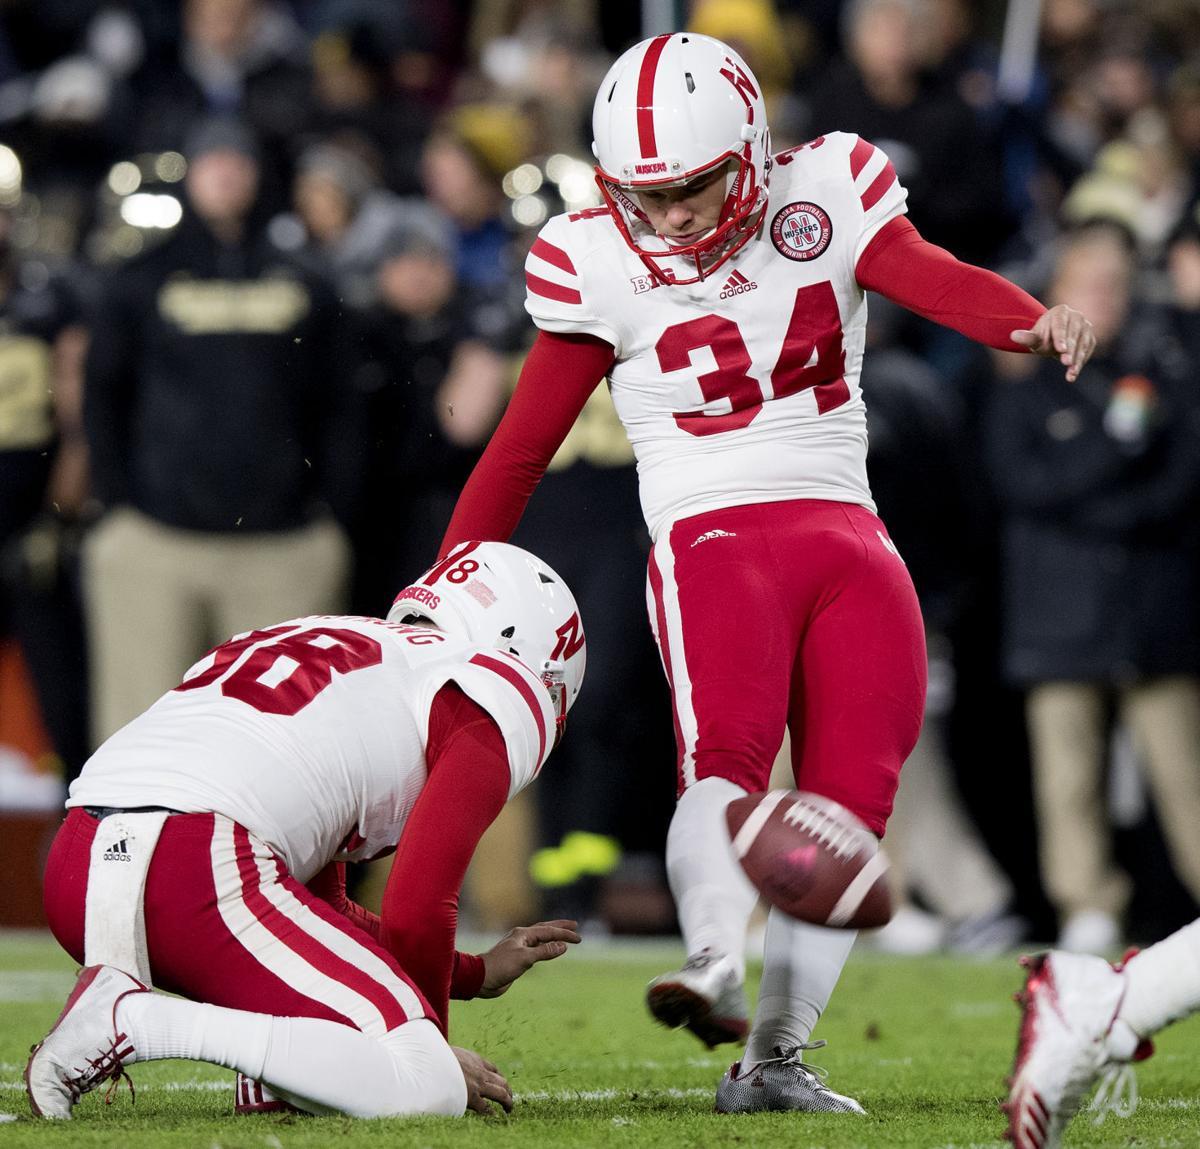 Nebraska vs. Purdue, 10.28.17